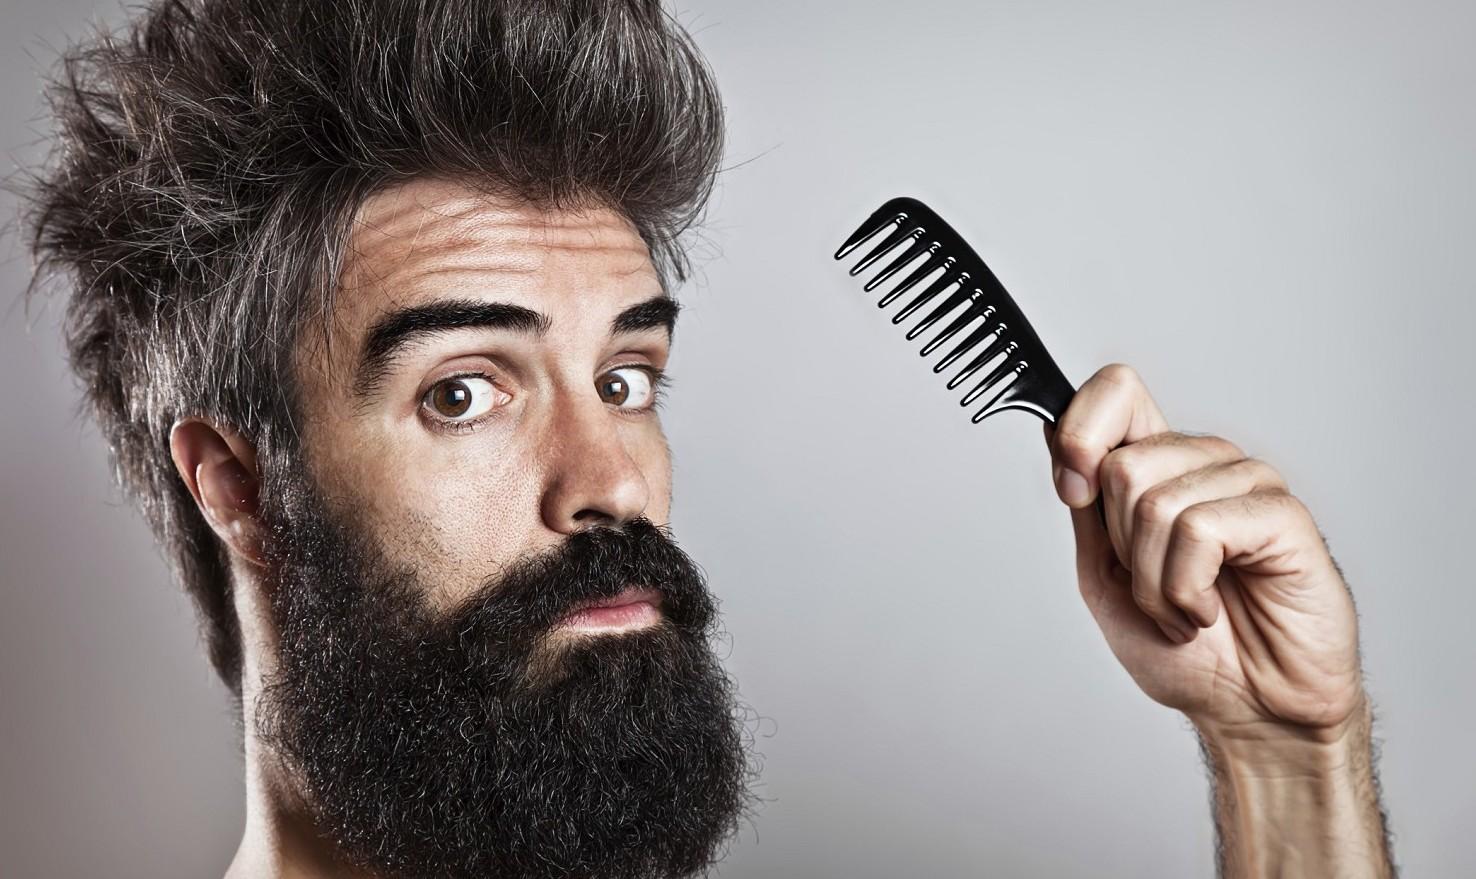 La barba è igienica? Ecco cosa si nascon